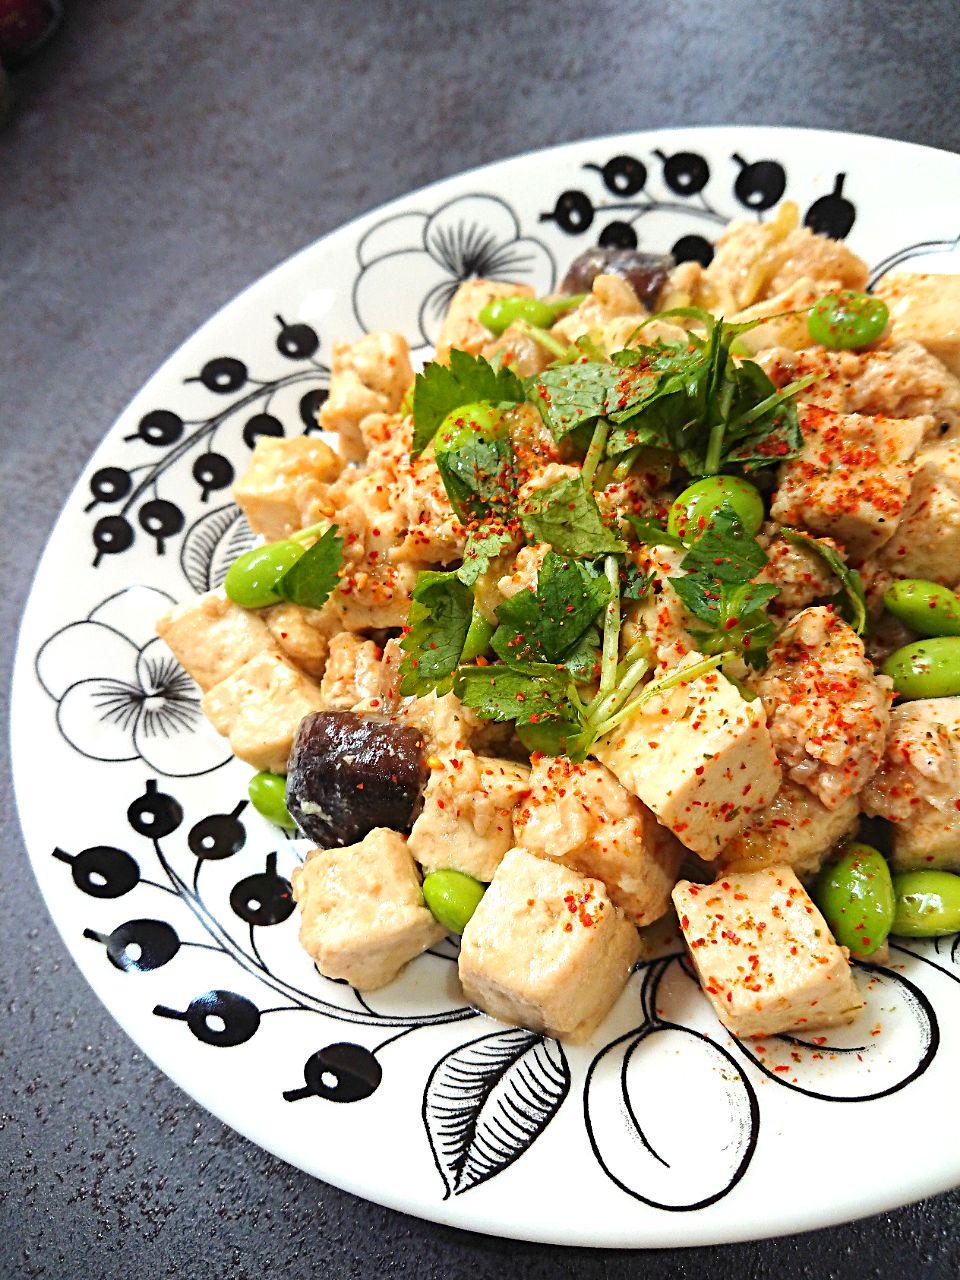 優しい味 和ーボー豆腐